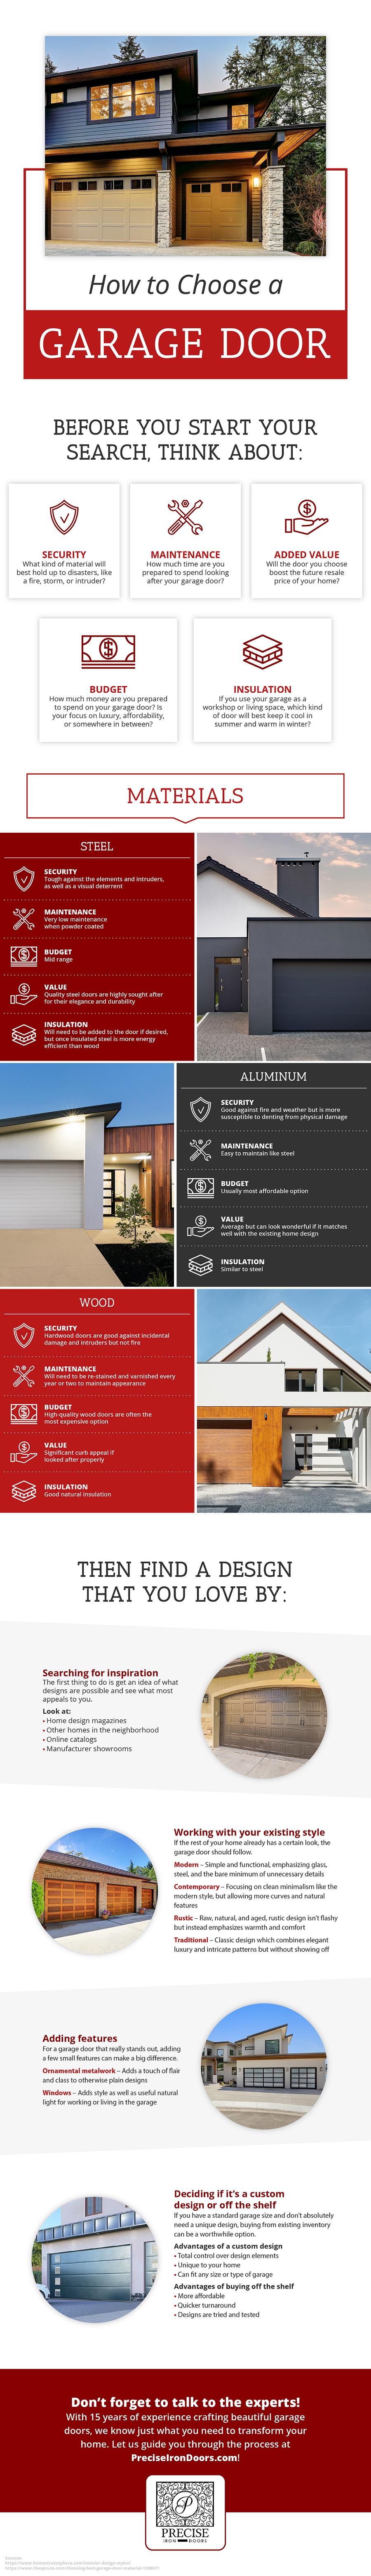 How to Choose a Garage Door Infographic